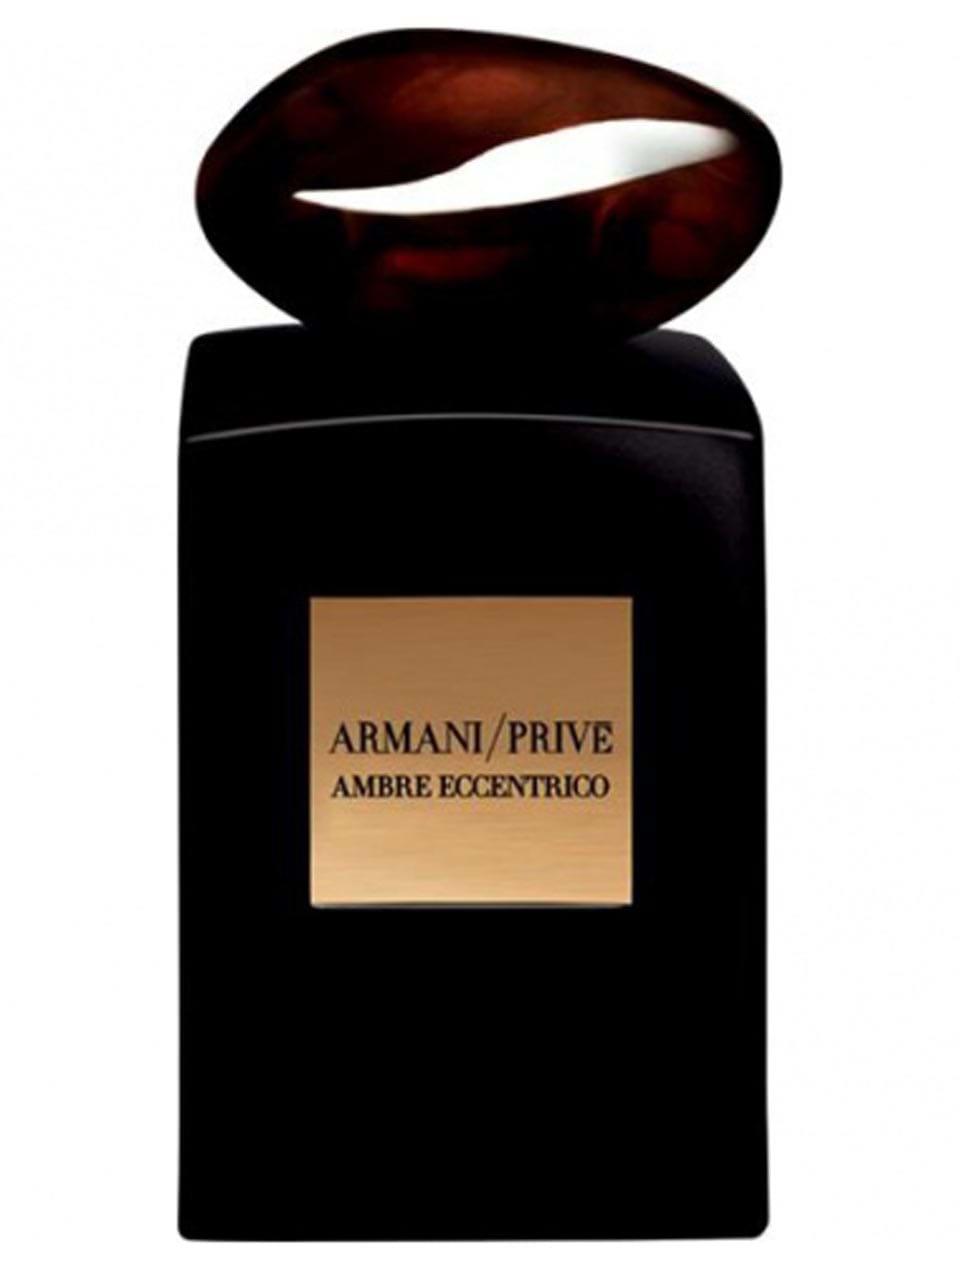 Eccentrico Parfum Privé 100 Armani Ambre De Giorgio Eau Ml 0Ok8nwPX